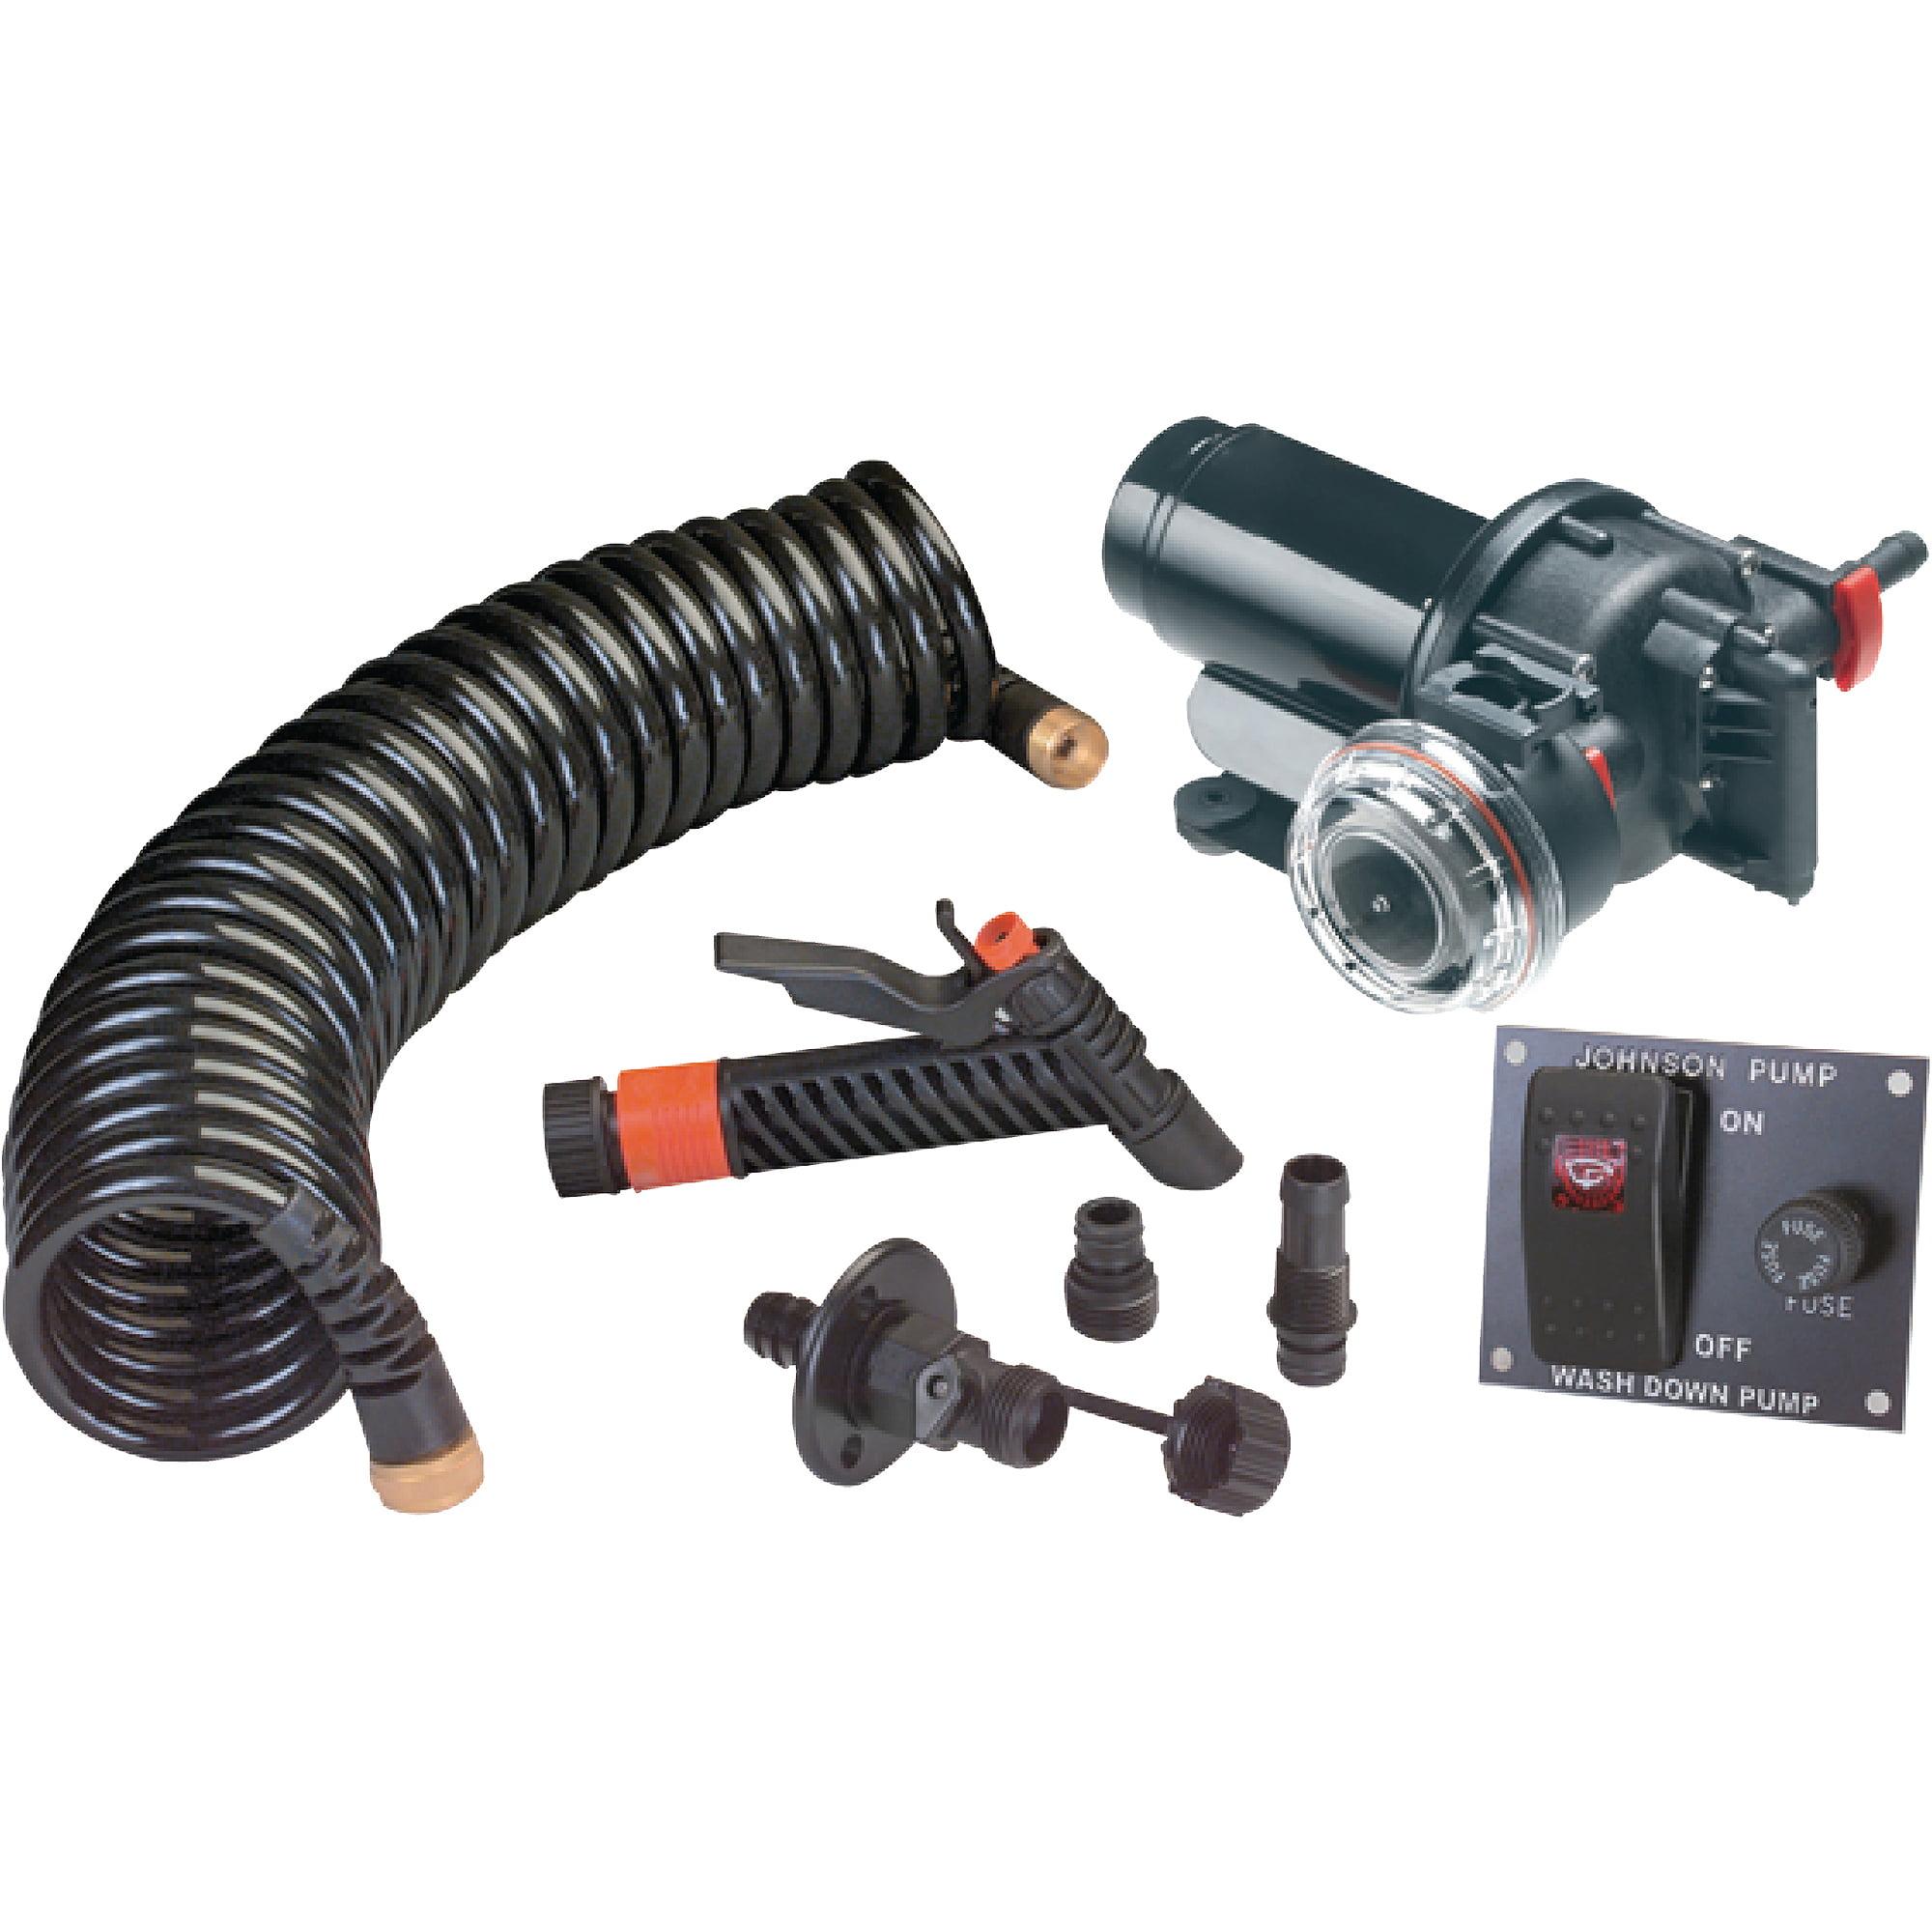 Seachoice 12V Wash Down Pump Kit by Seachoice Products